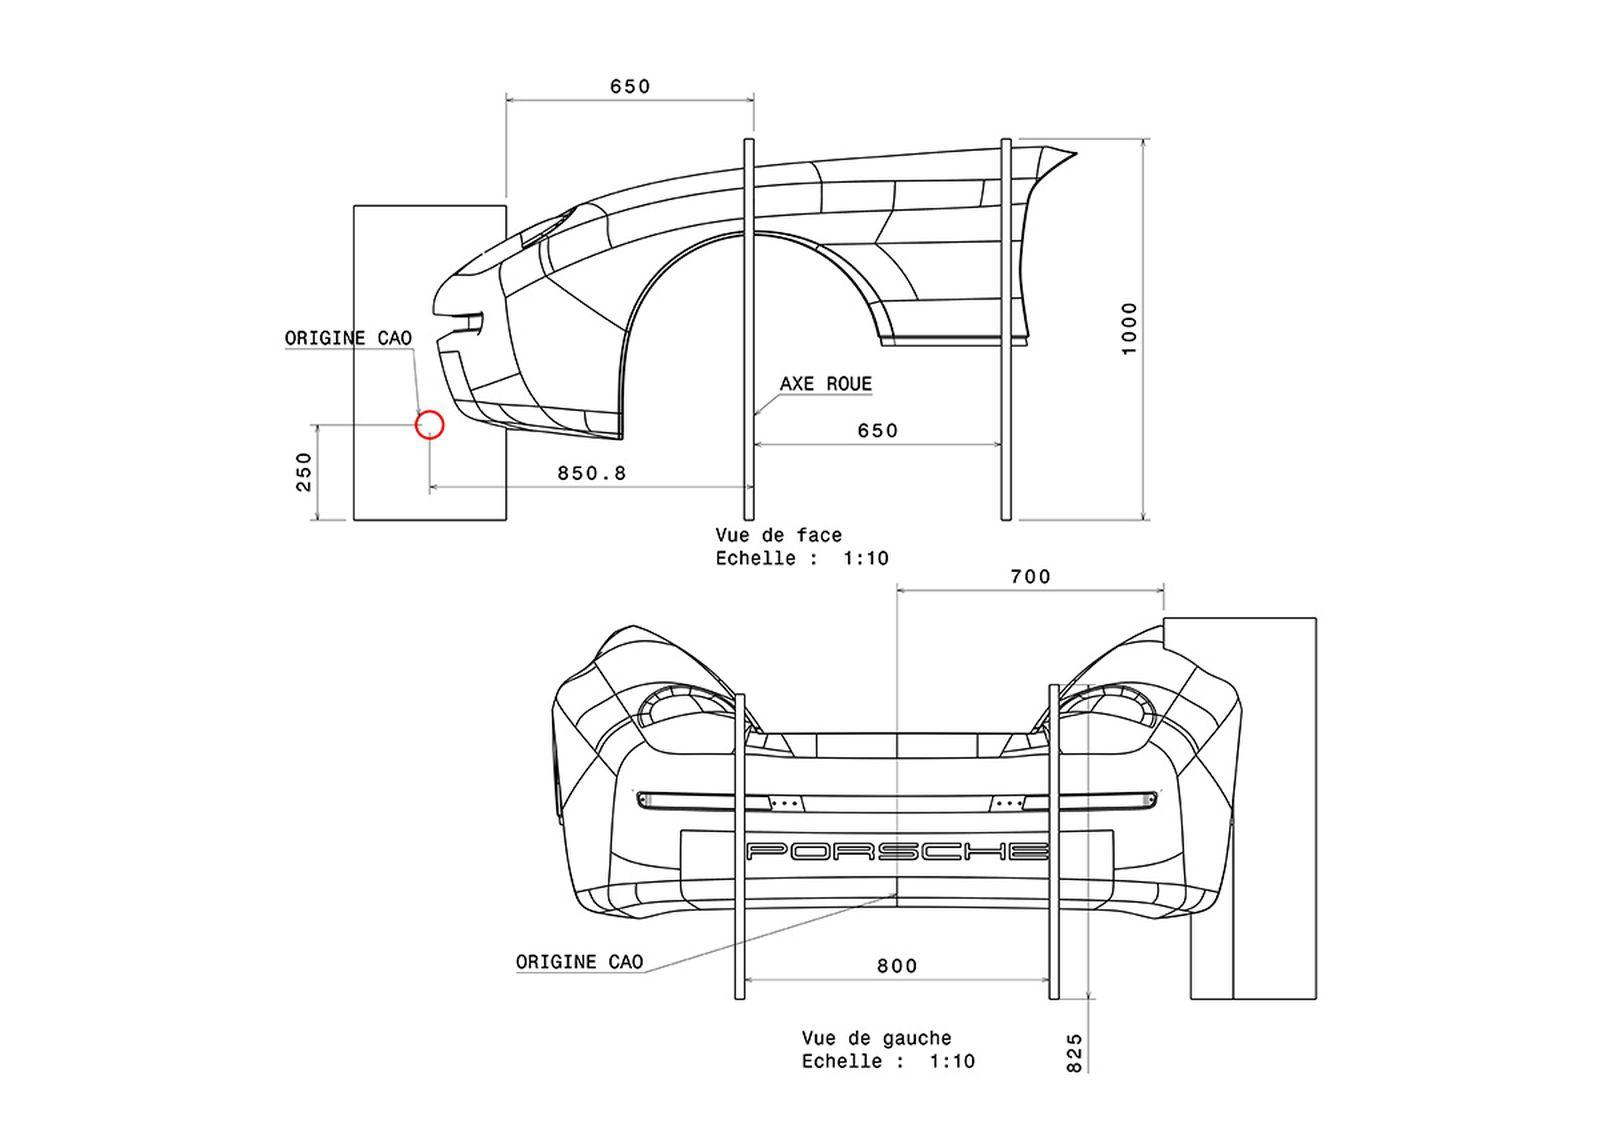 arthur-kar-interview-porsche-968-process-dsmp-21